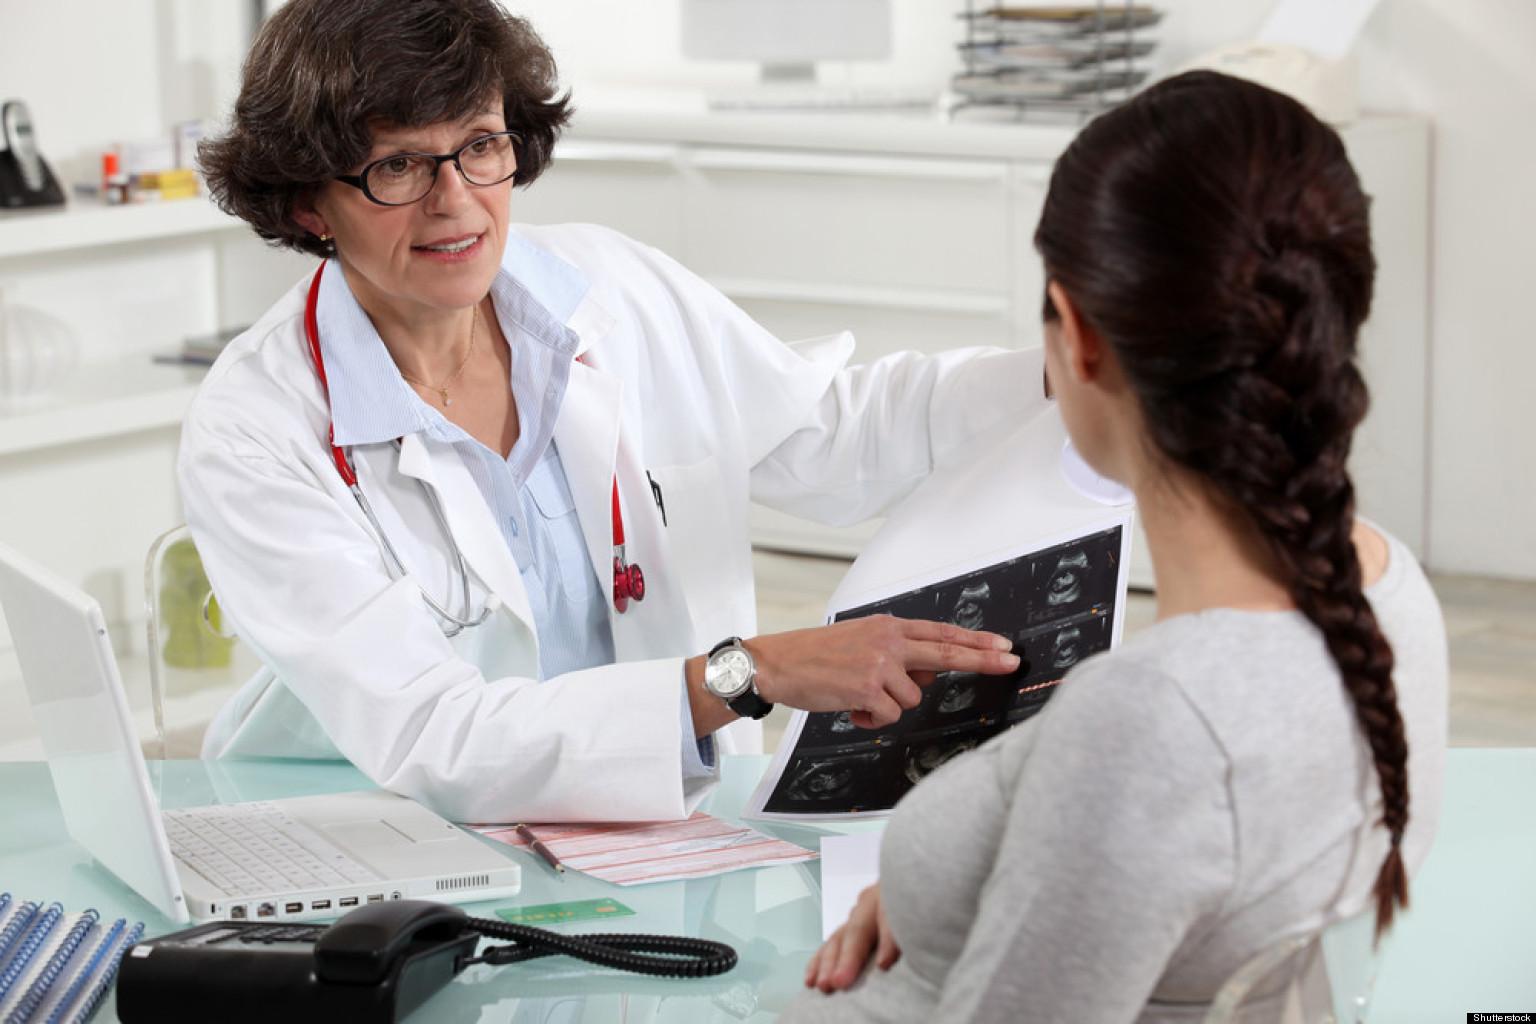 Mjesta za pronalaženje aspergerovog sindroma